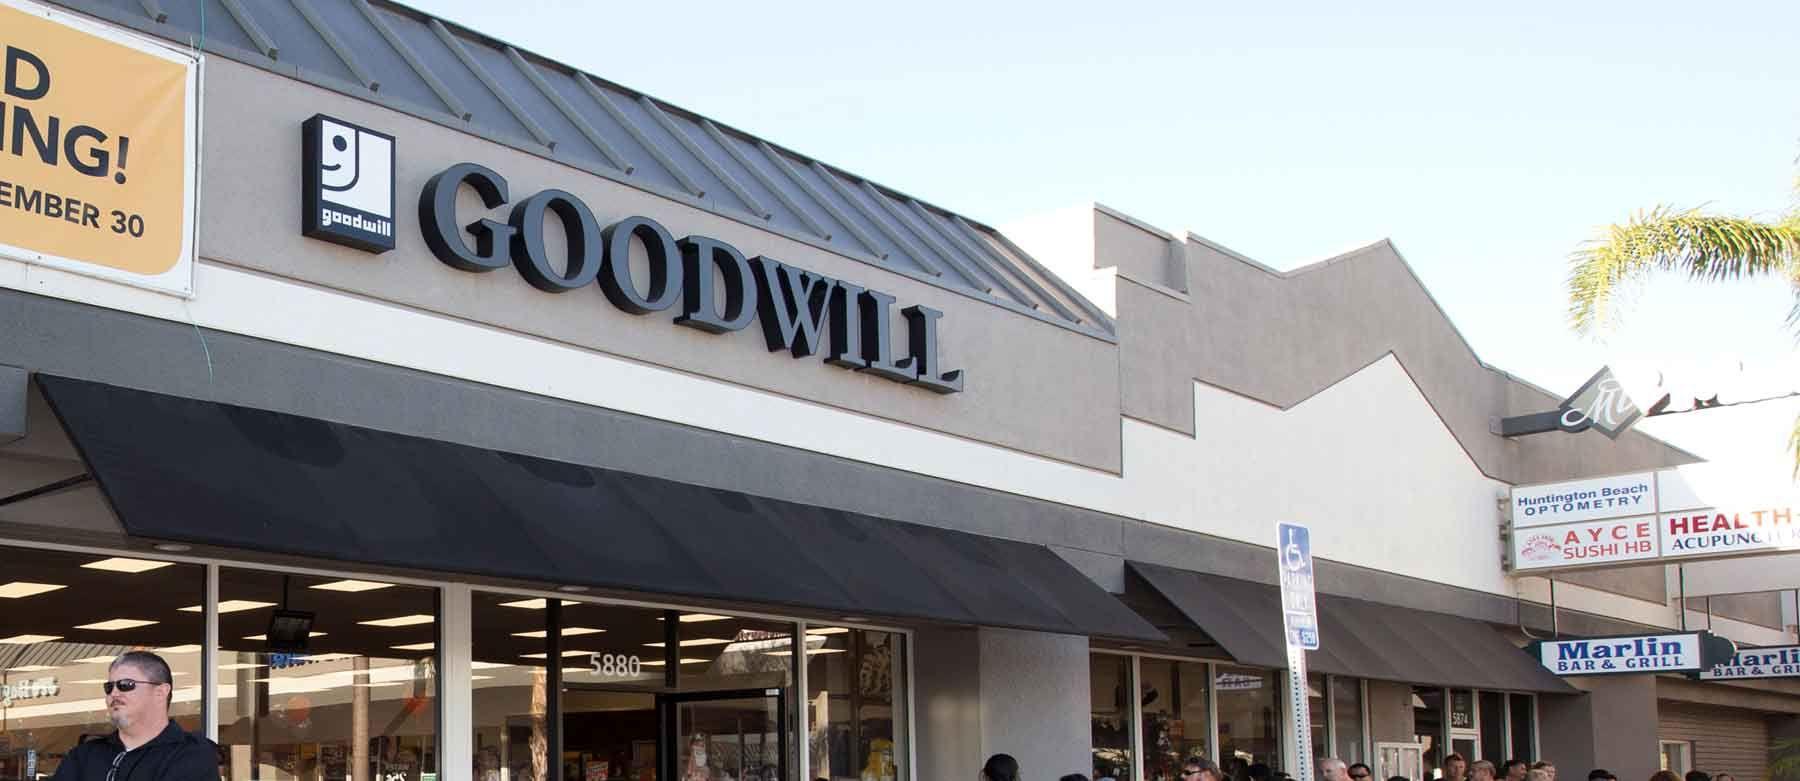 Goodwill Store Front Goodwill Store Goodwill Auction Goodwill Shopping